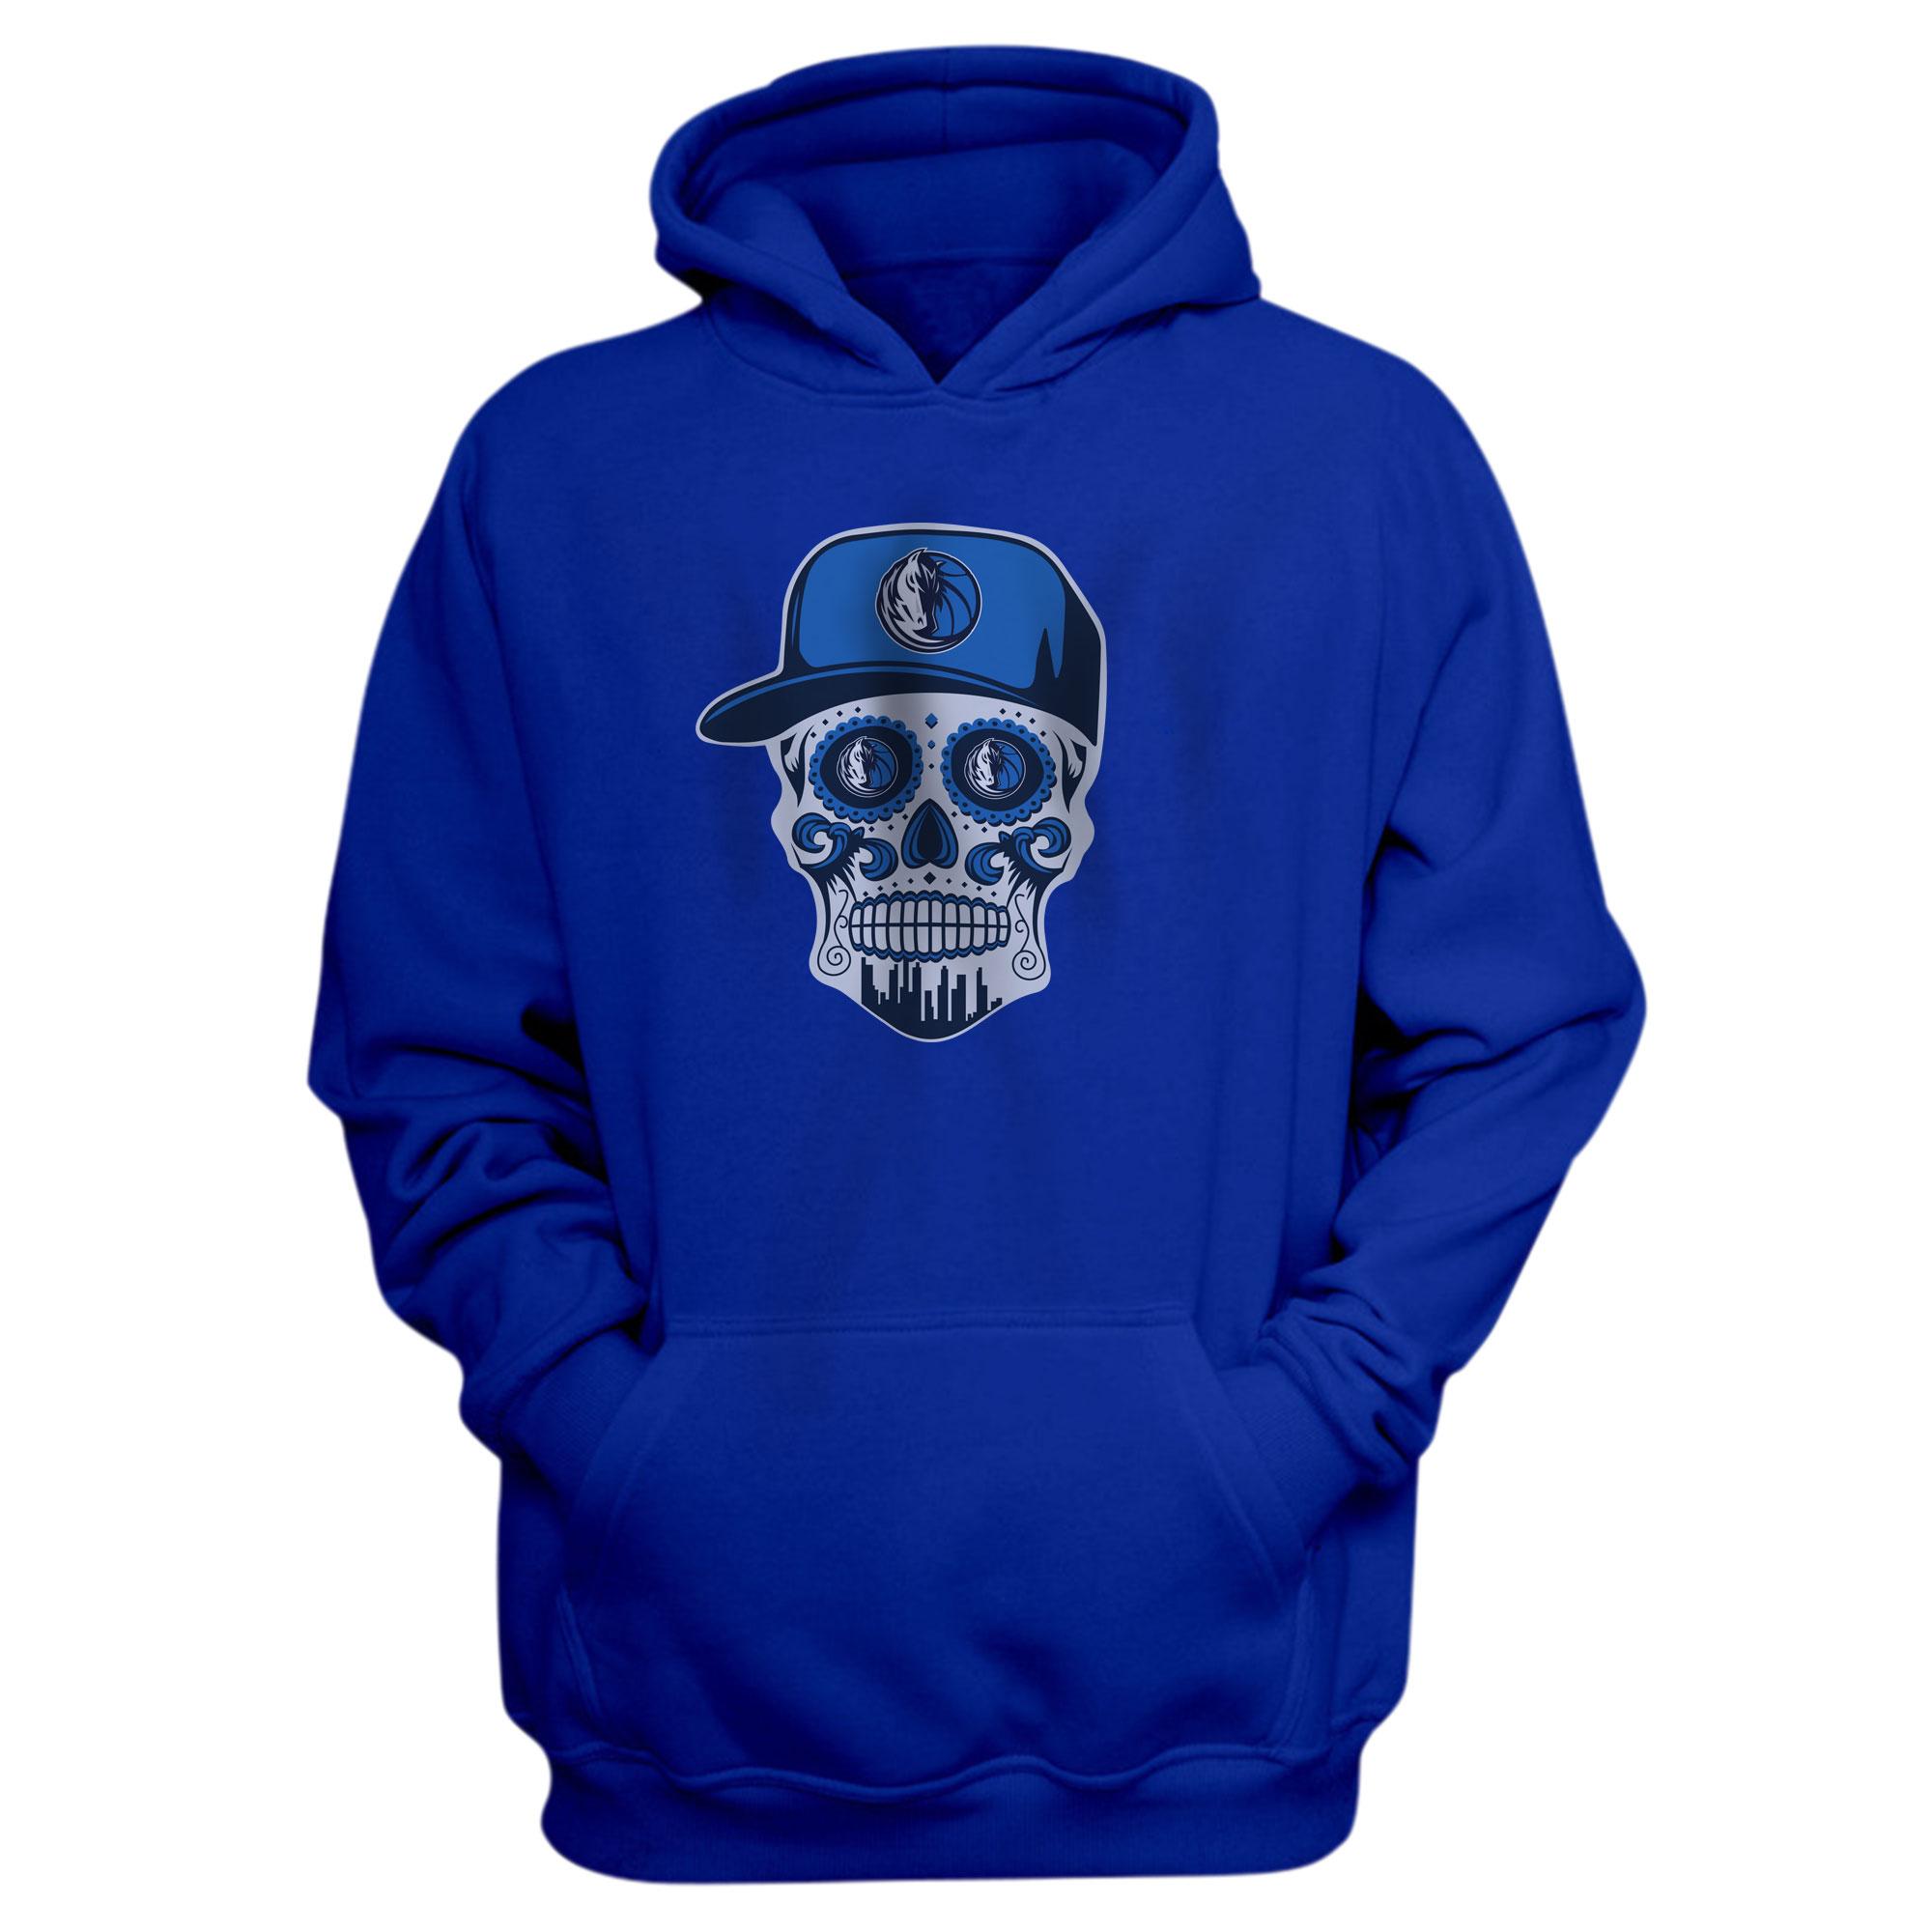 Dallas Skull Hoodie (HD-BLU-NP-451-NBA-DLS-SKULL)